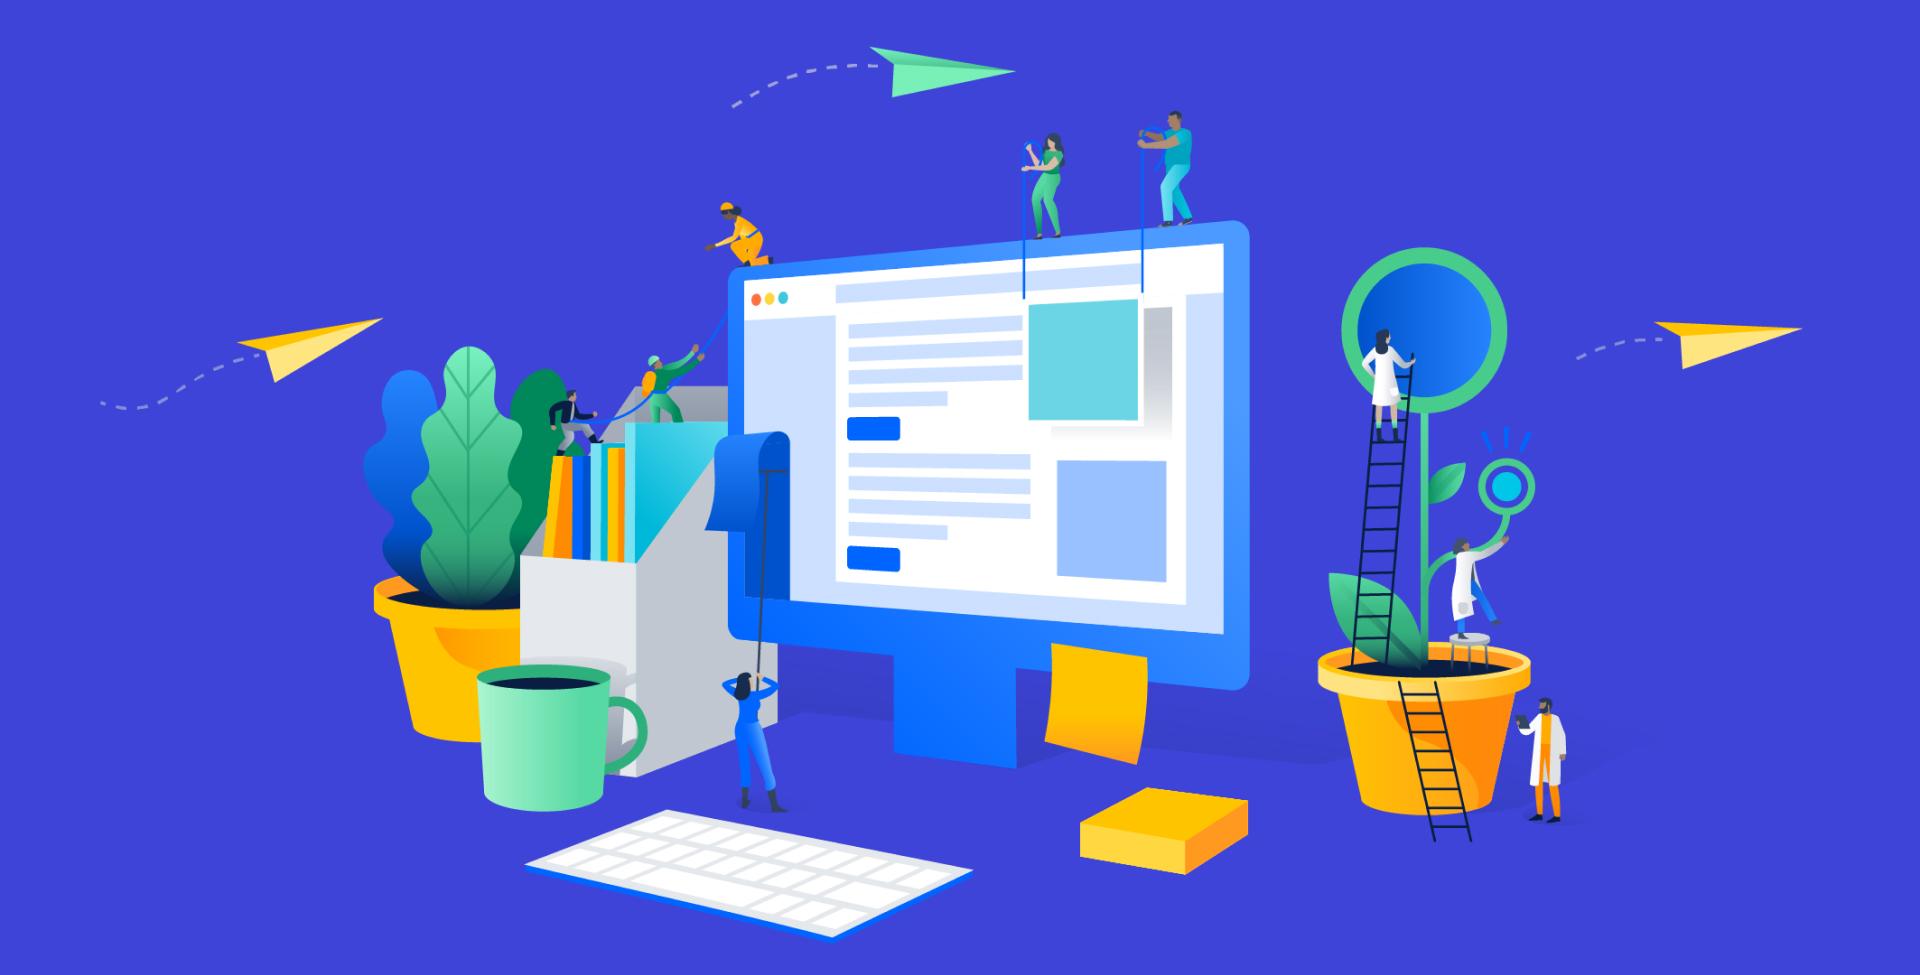 10 советов по дизайну веб-страниц, чтобы рассказать историю вашего бренда